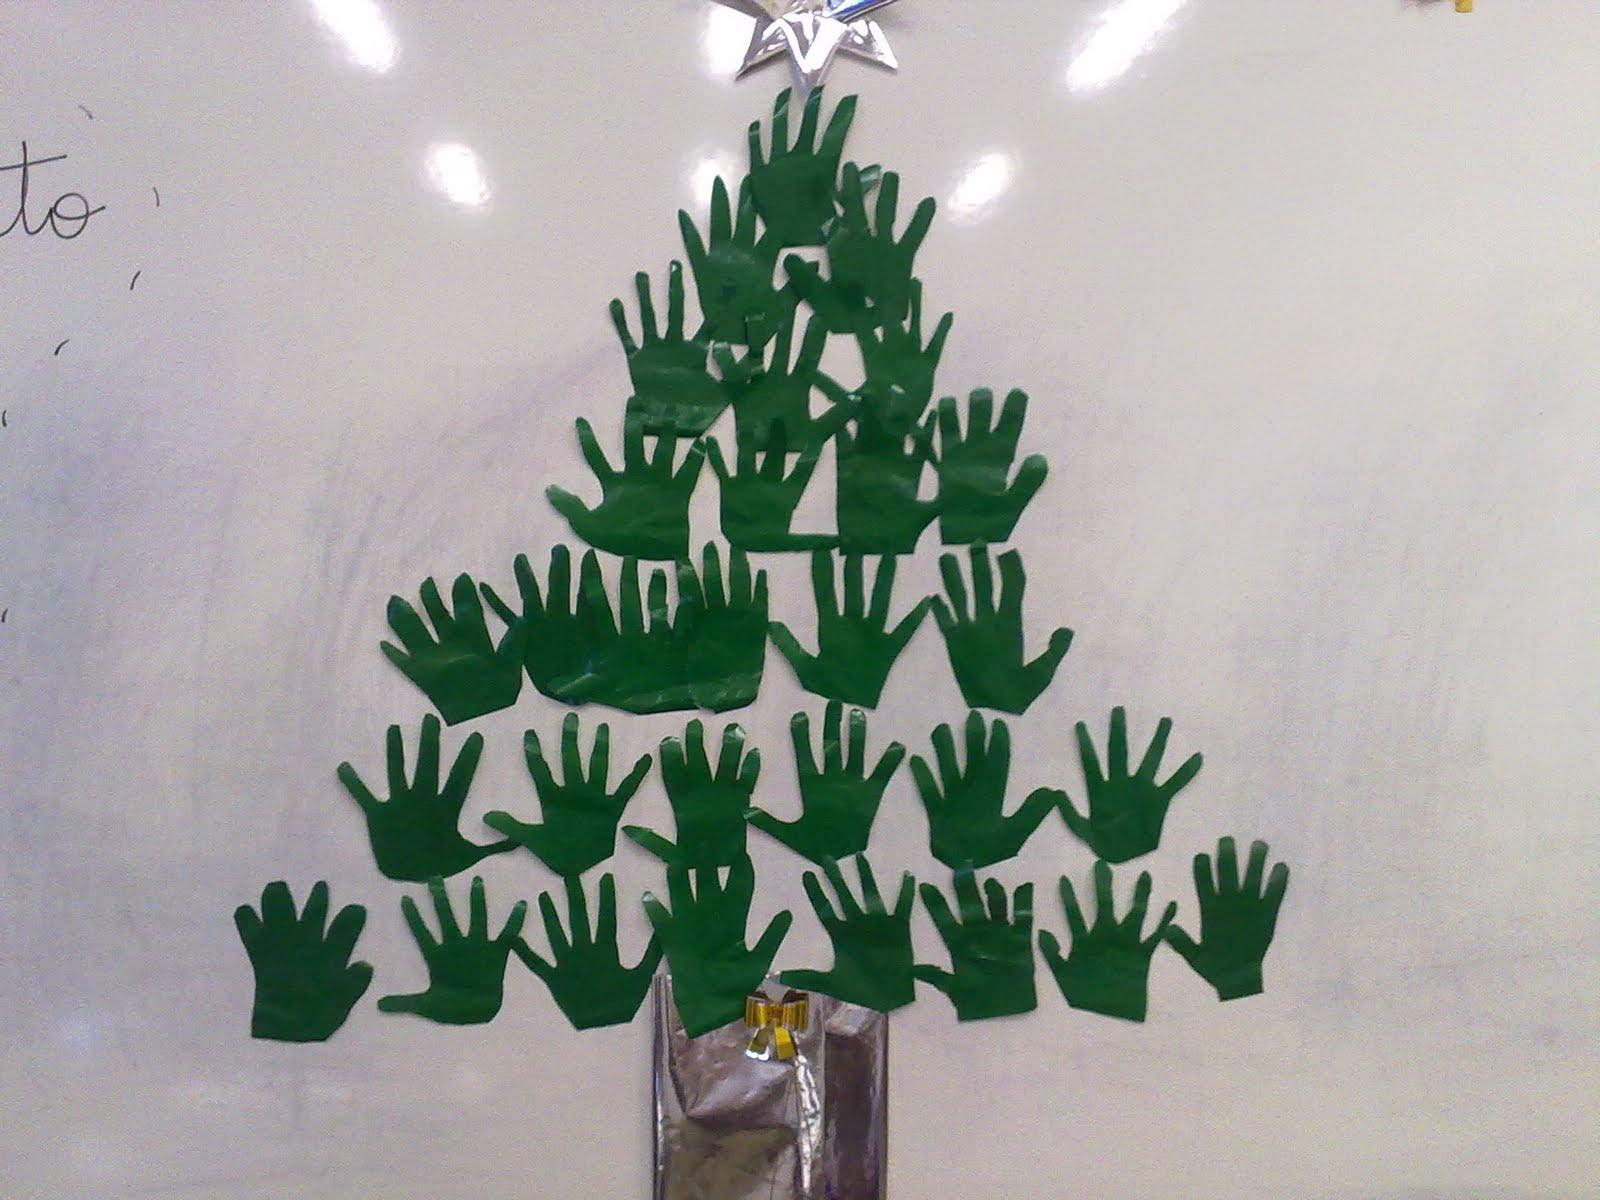 Festa de Natal na escola dicas de decoração  (Foto: Divulgação)